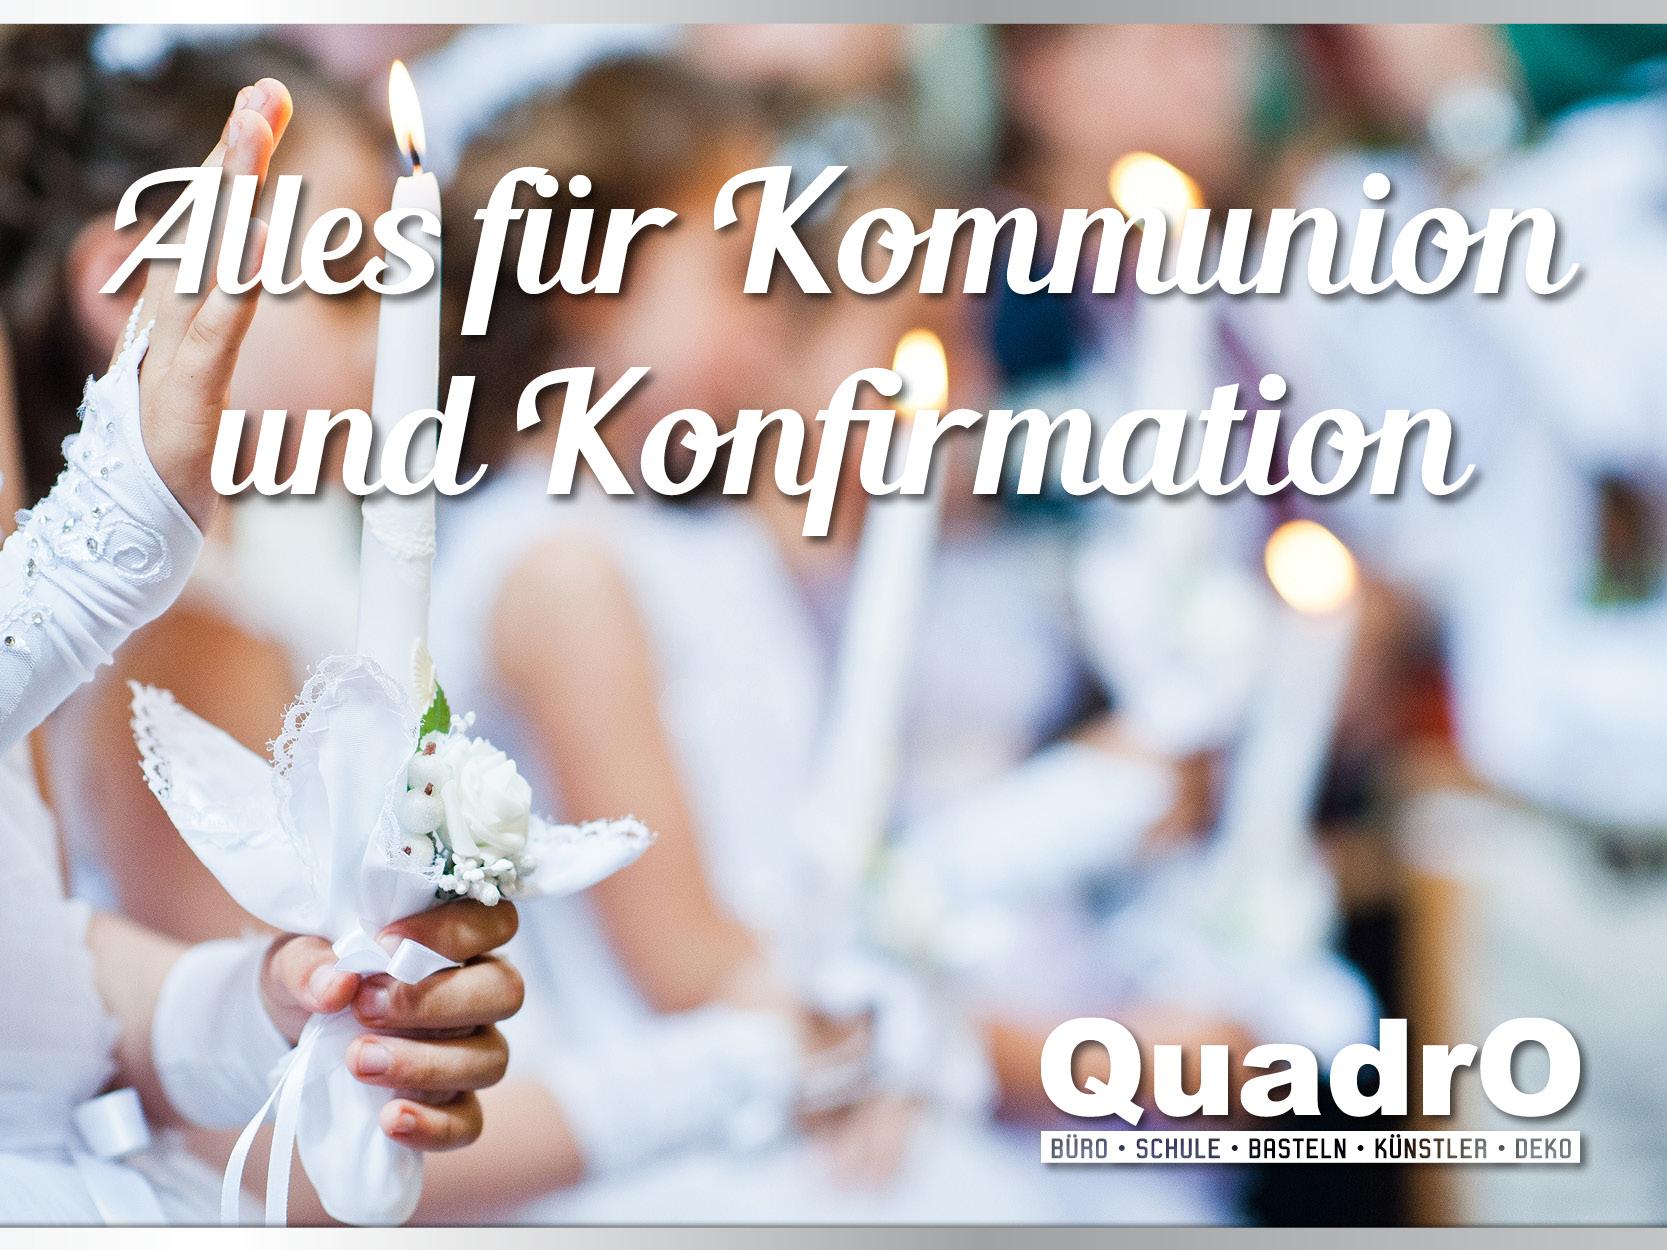 Kommunion, Konfirmation, Basteln, Einladung, Engel, Deko